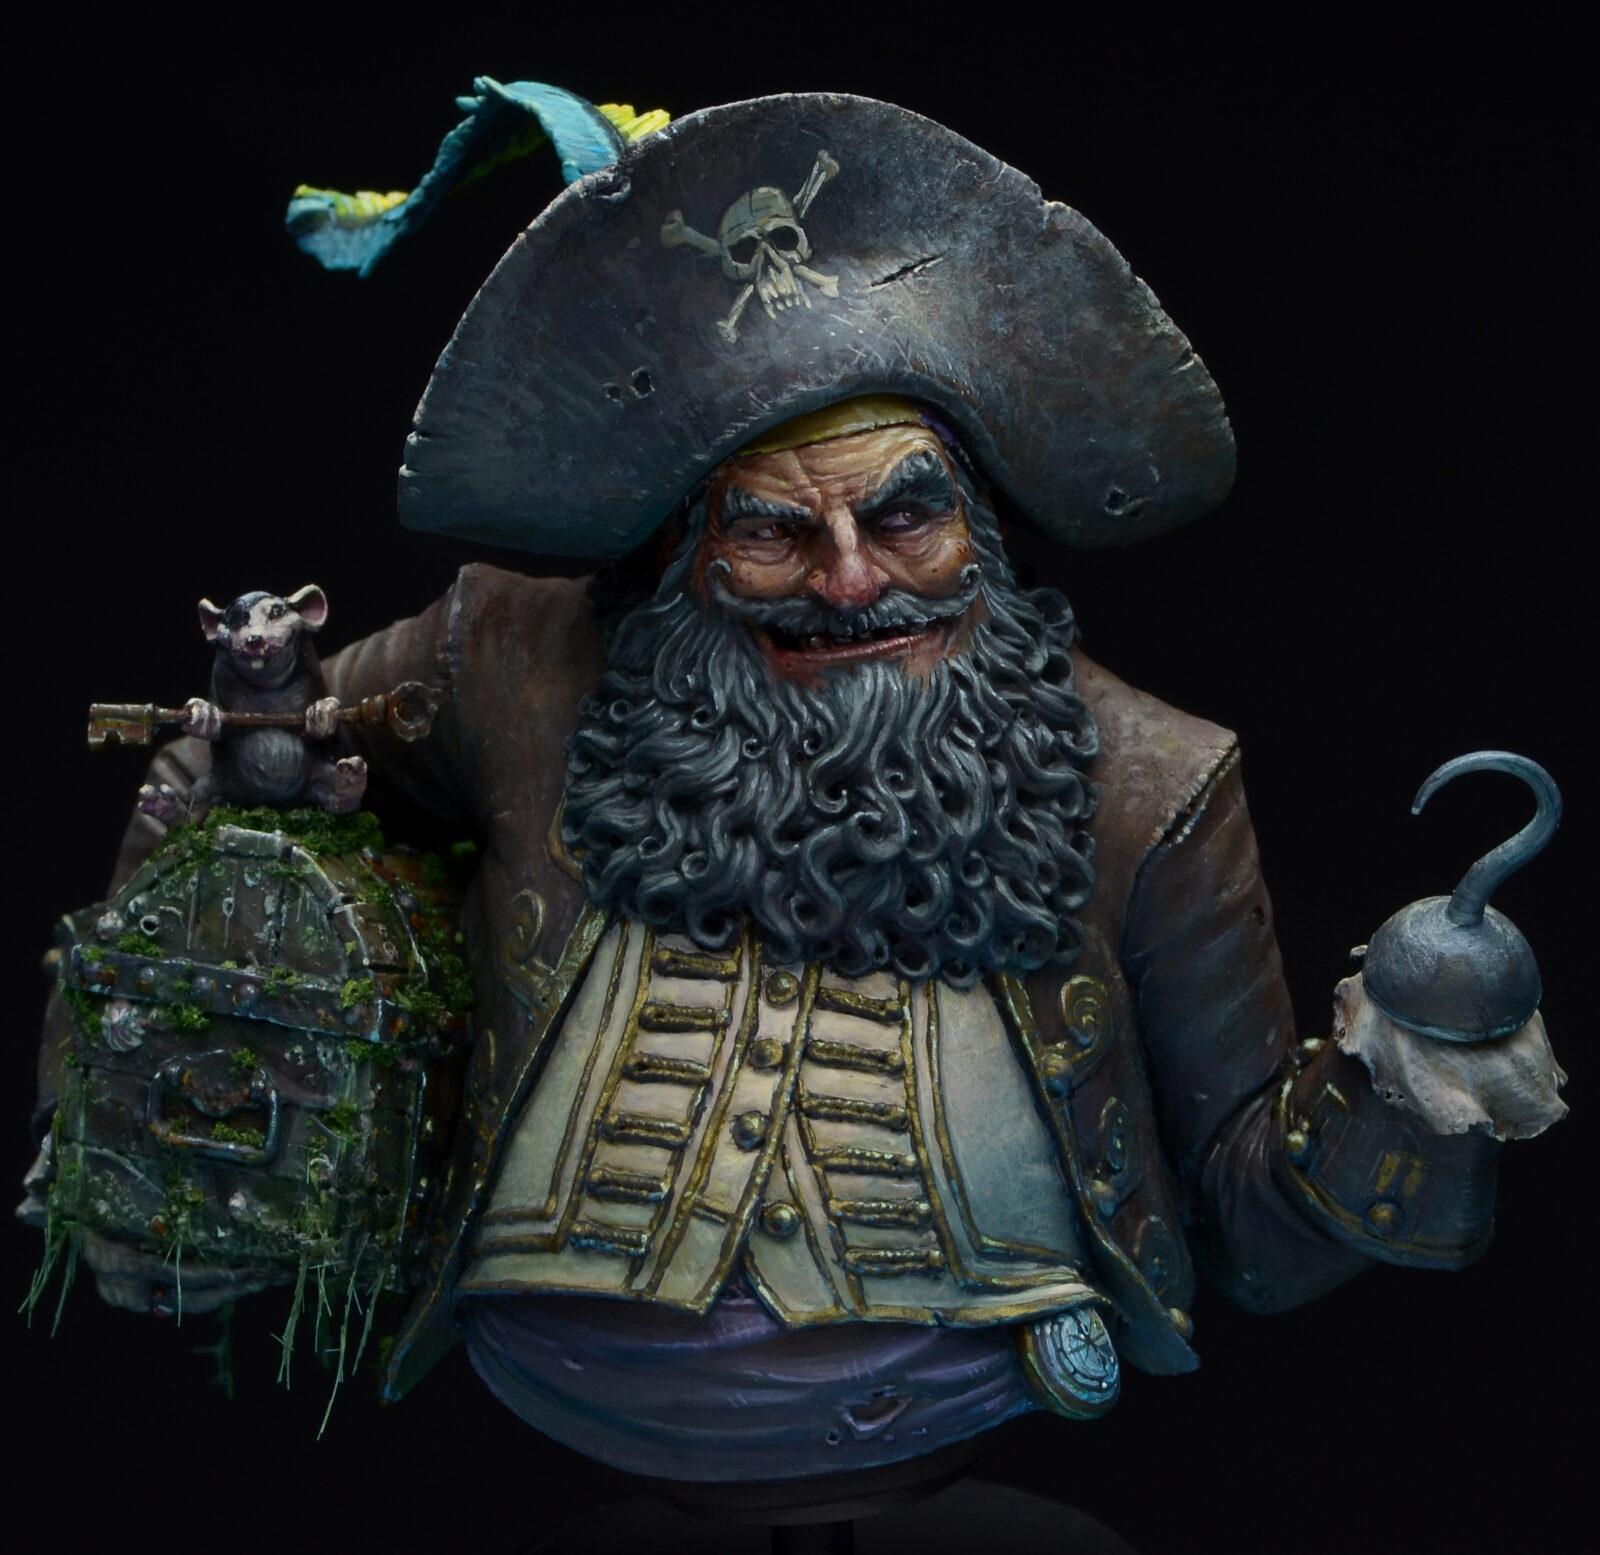 Pirate13